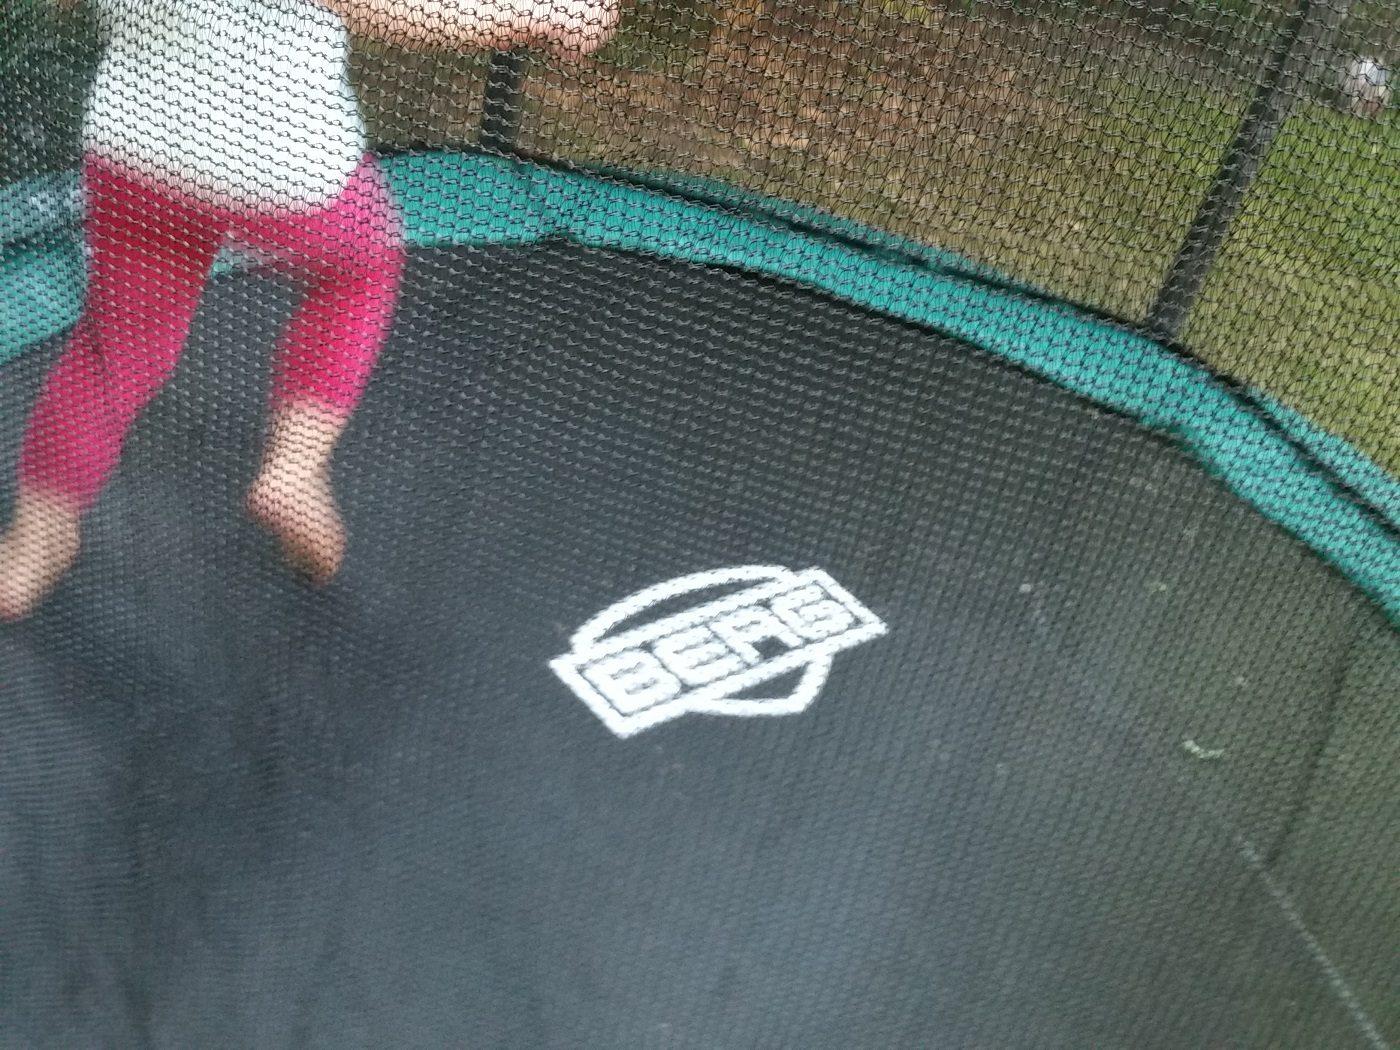 berg trampolin springen